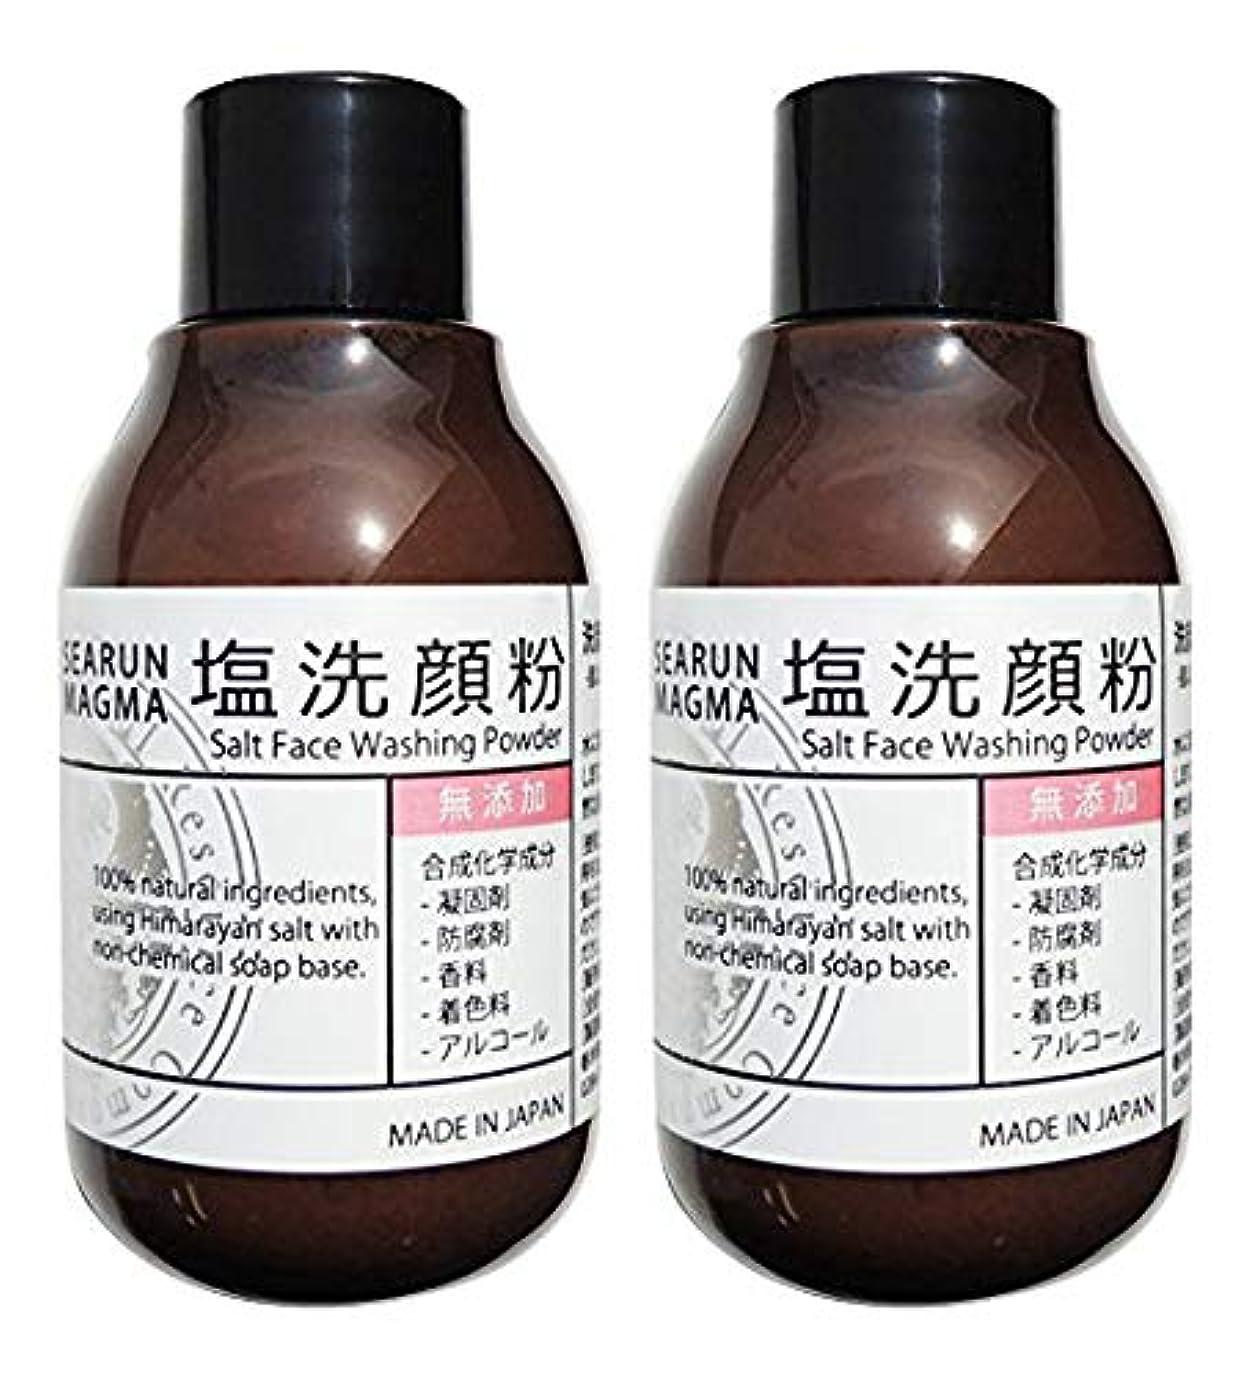 リル休日に置き場シーラン マグマ洗顔粉 40g (2本)